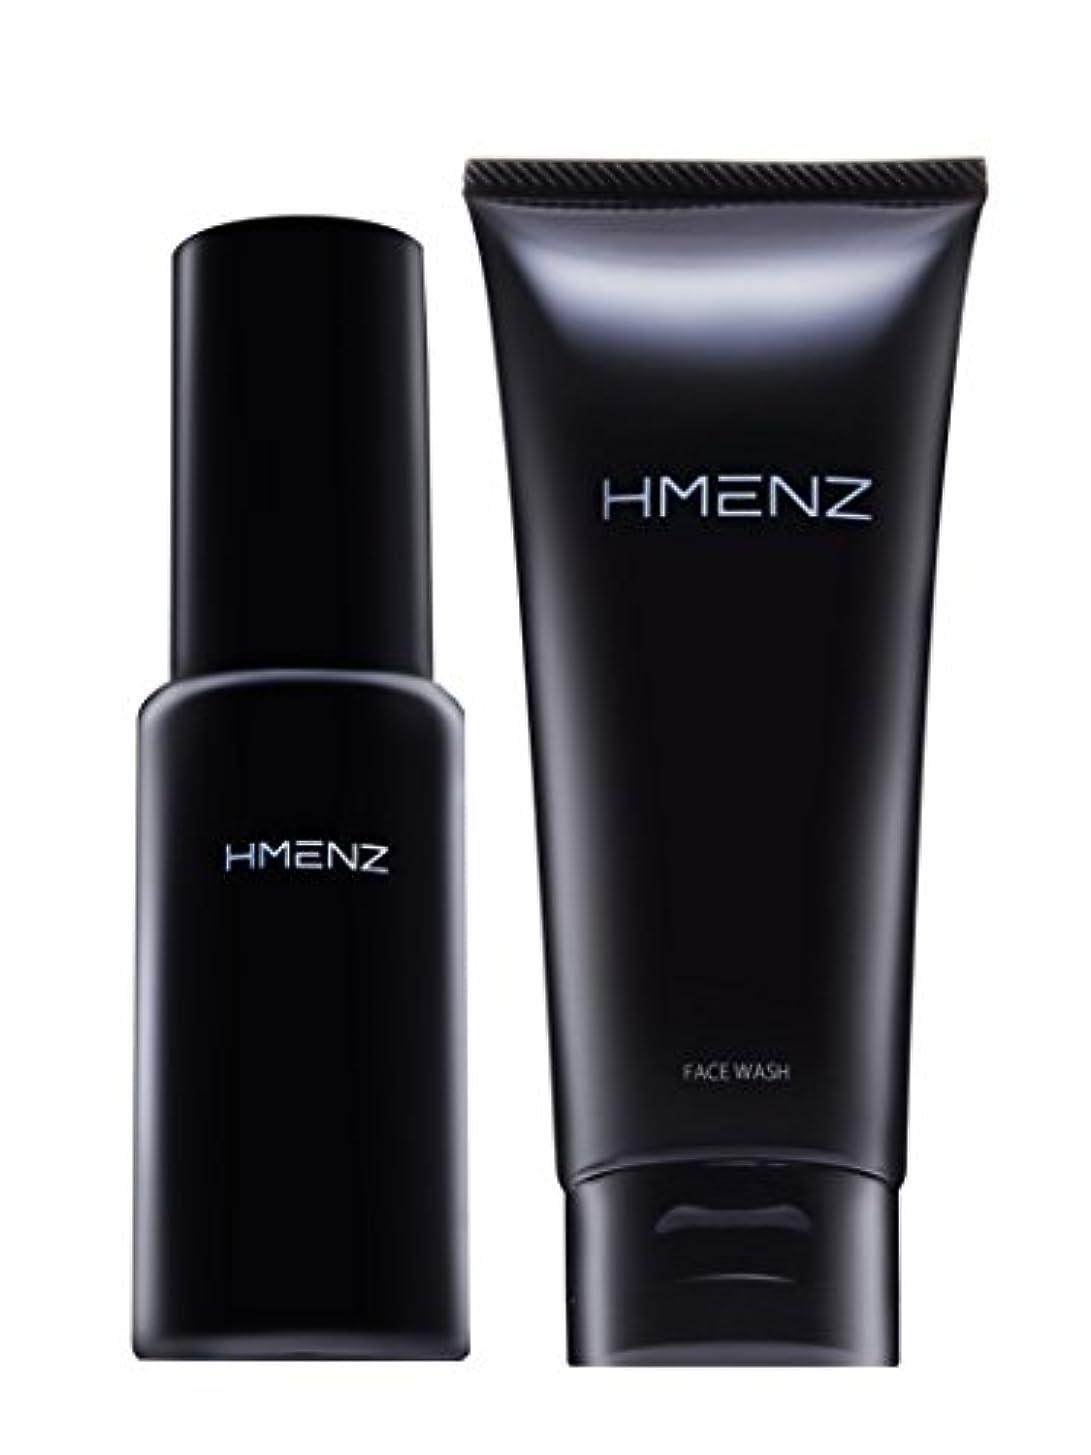 ストレージ添加剤信頼性医薬部外品【 スキンケア セット 】HMENZ メンズ 洗顔 & 美容液 乾燥肌 対策 保湿 (無添加 シミ対策 ニキビ対策 エイジングケア) 洗顔 オールインワン ジェル 100g&50ml